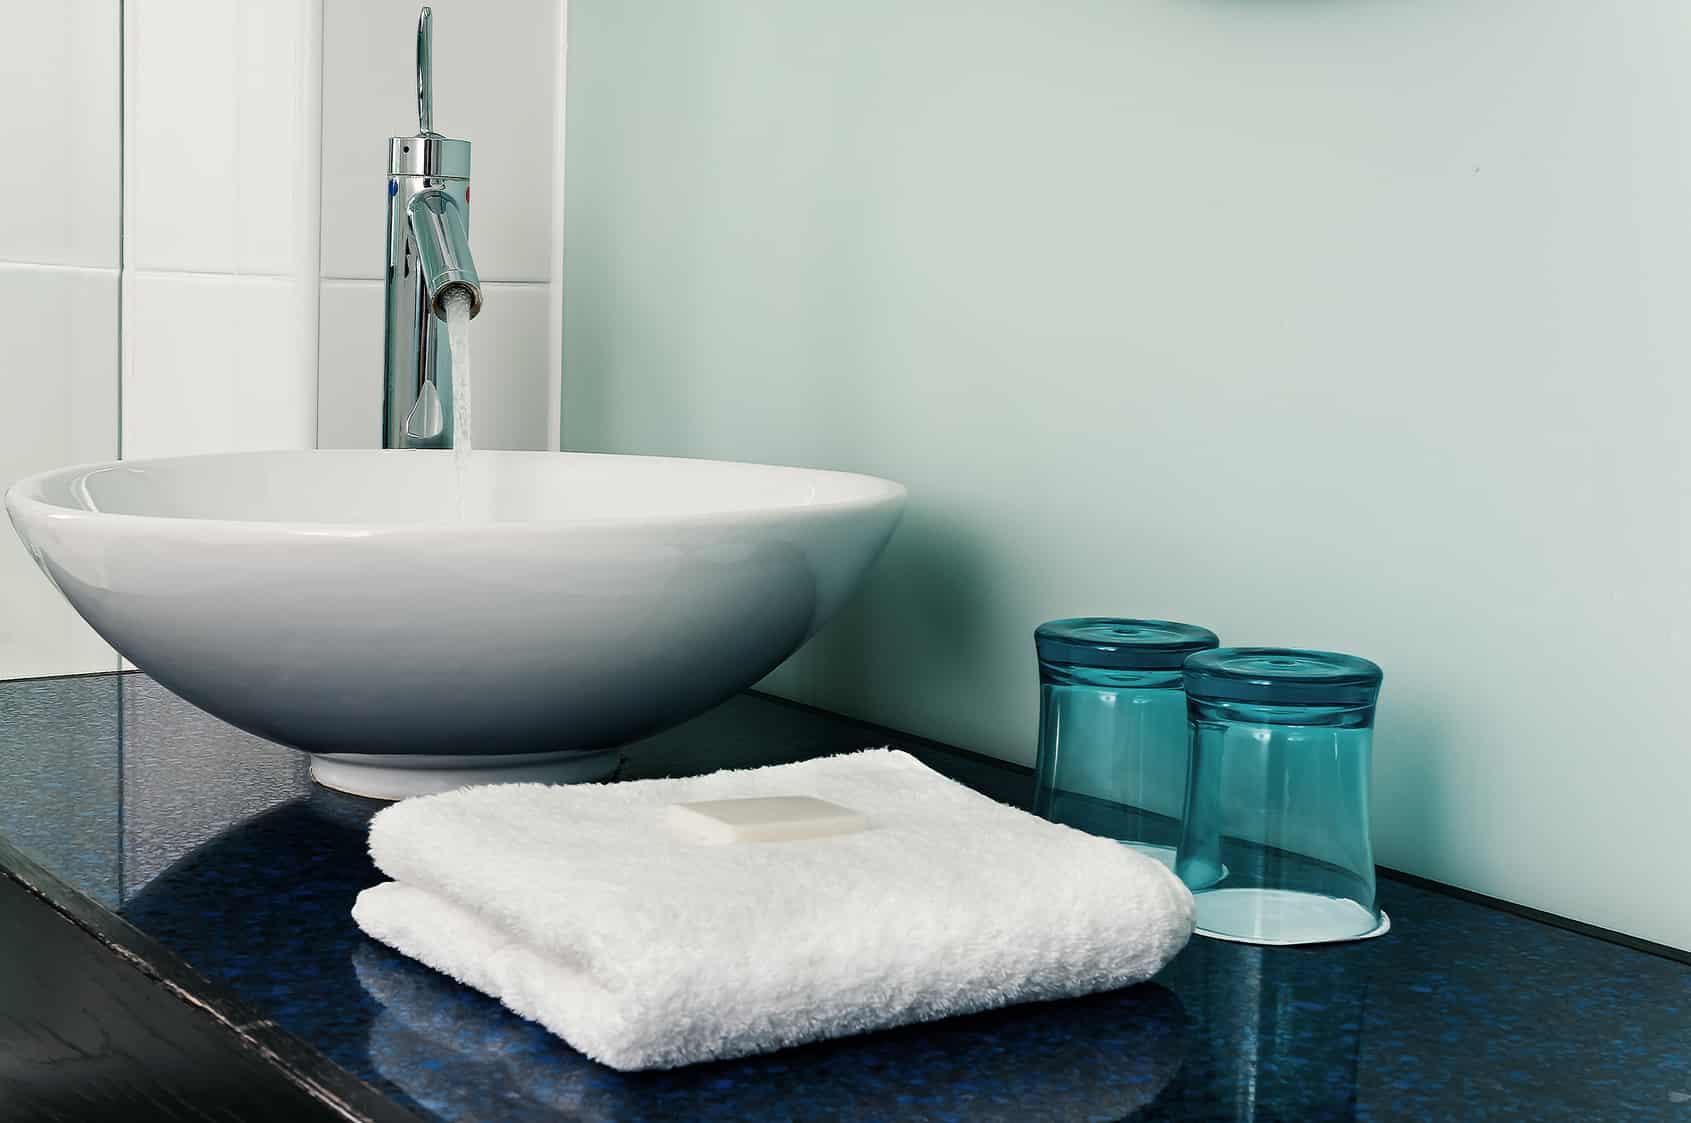 Monter Sa Salle De Bain prix de la pose d'un lavabo dans votre salle de bain - devis